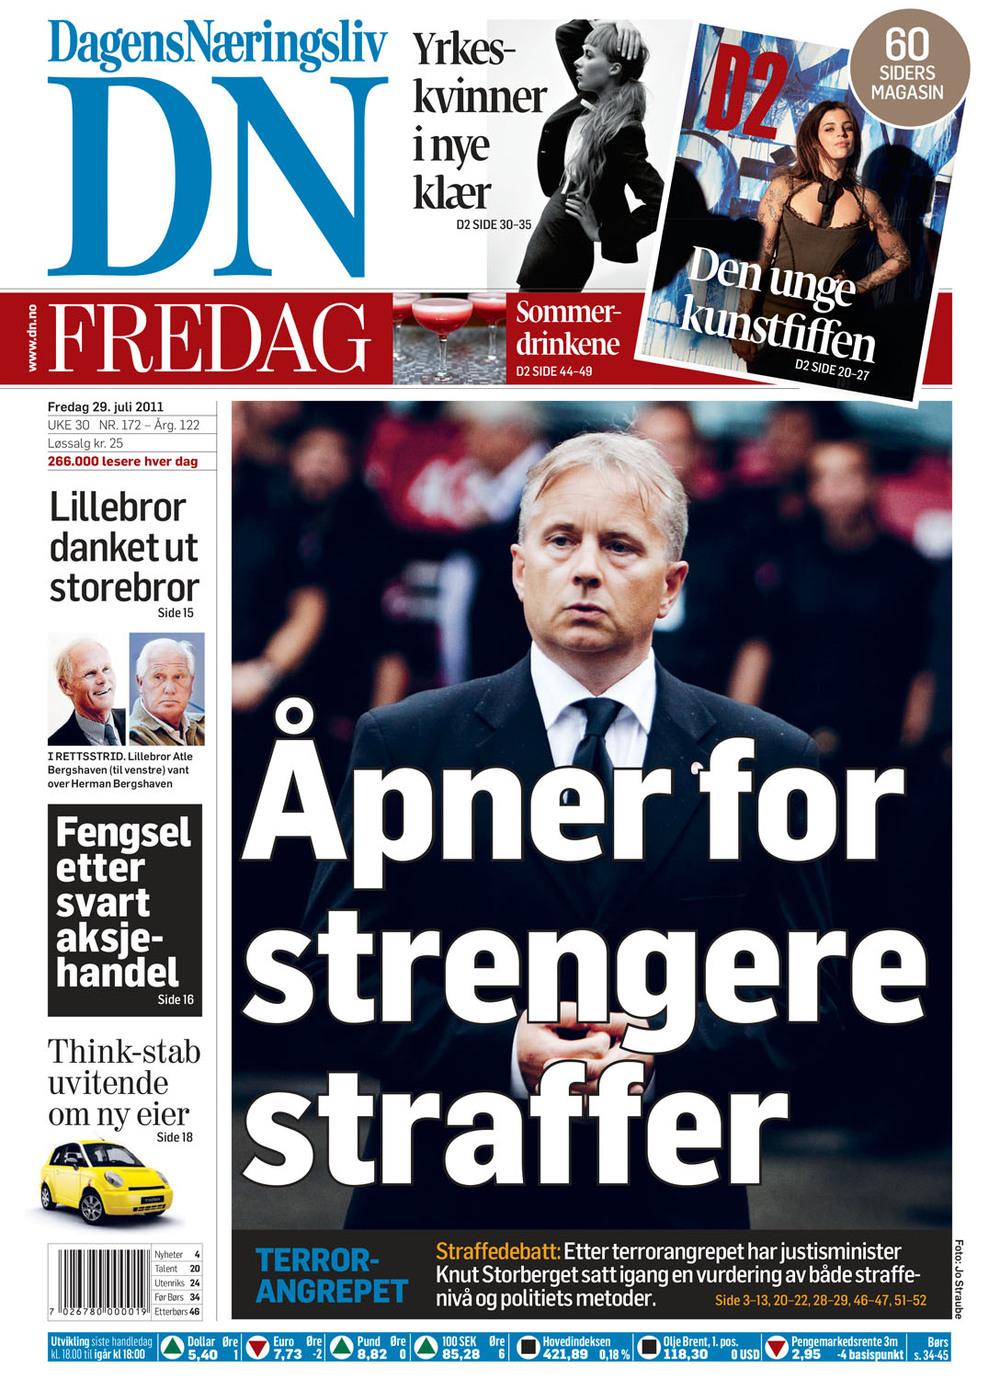 Dagens Næringsliv 29.7.2011